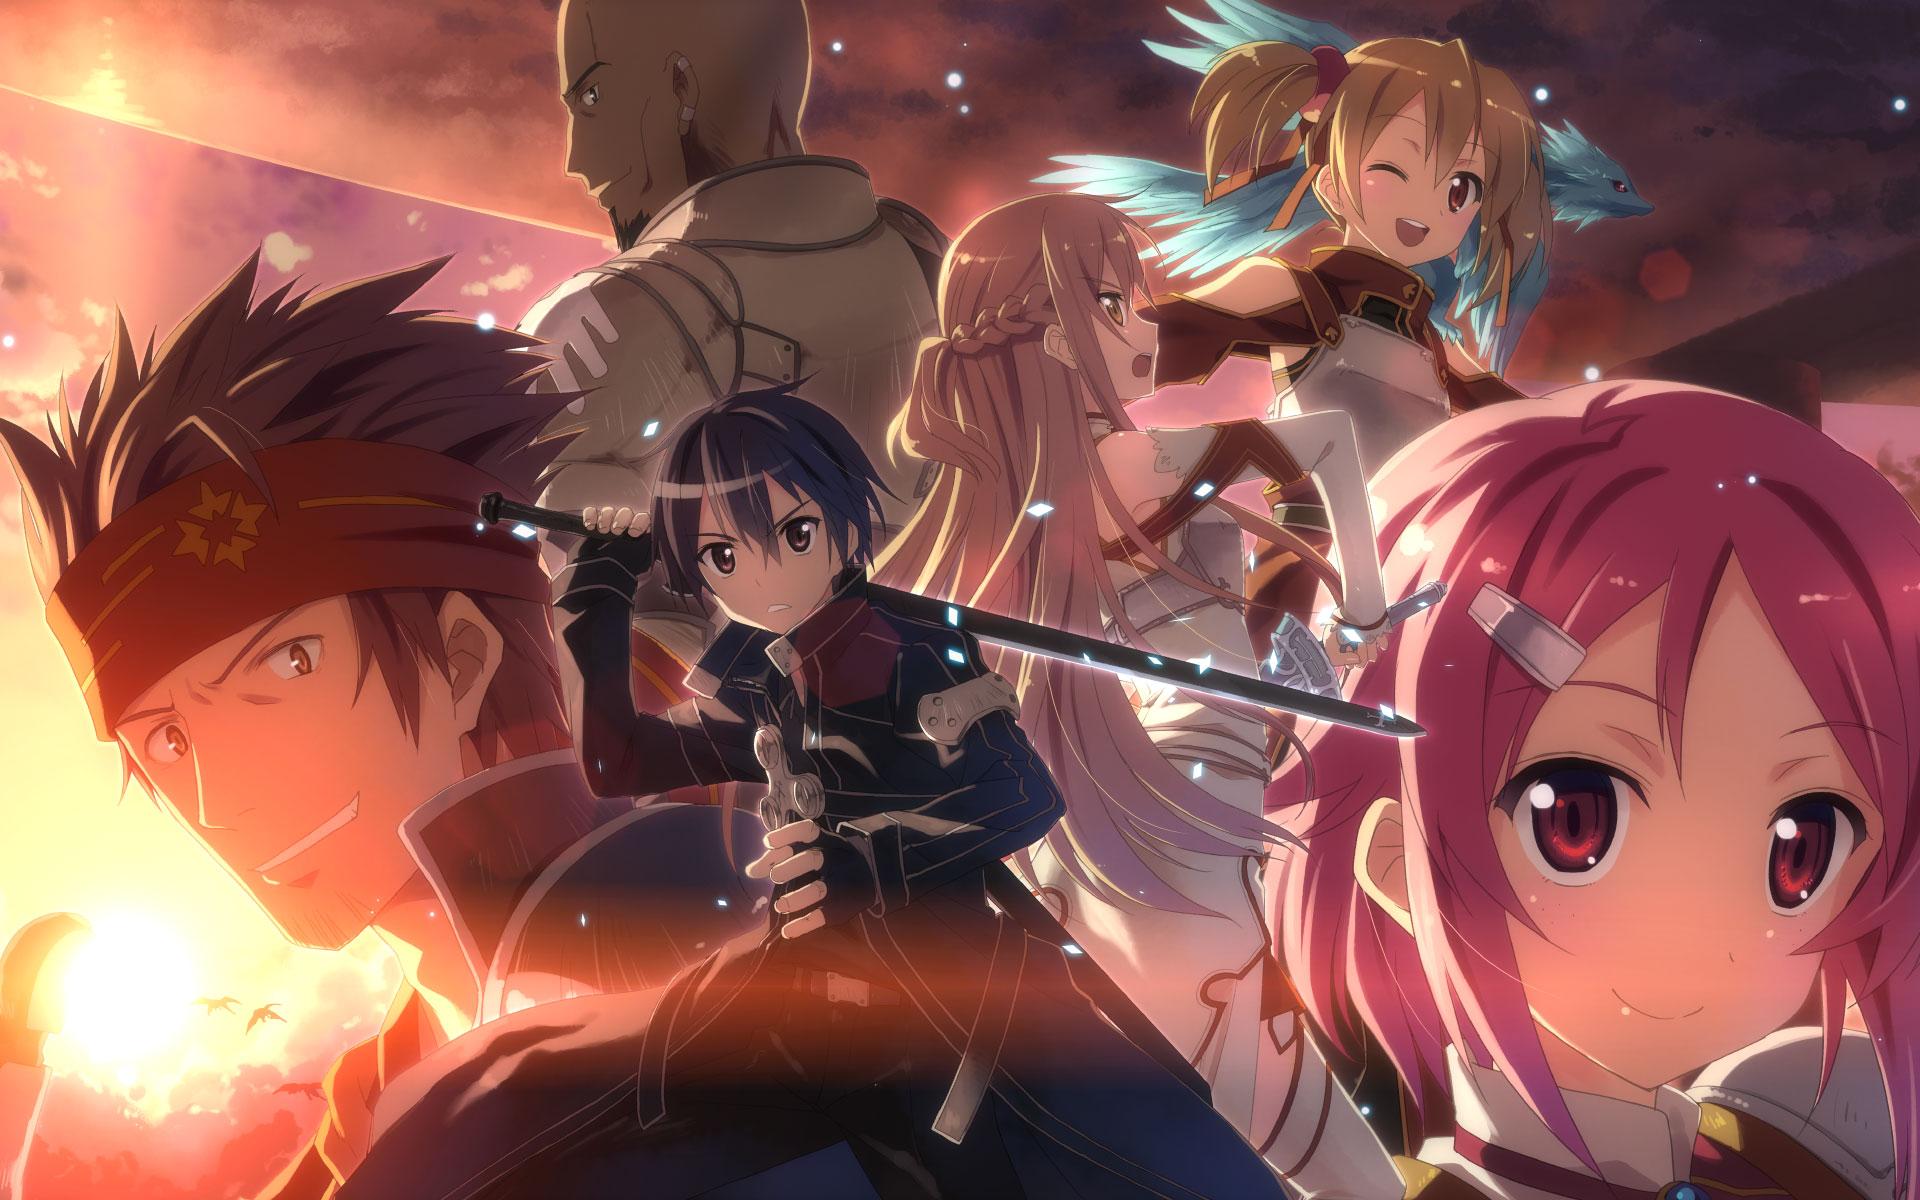 sao   Sword Art Online Wallpaper 31982400 1920x1200